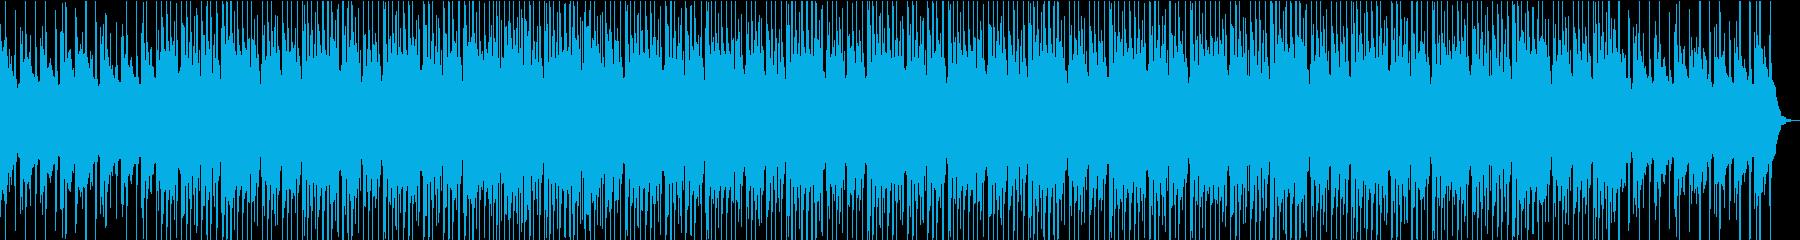 クラップとピアノが印象的なおしゃれBGMの再生済みの波形